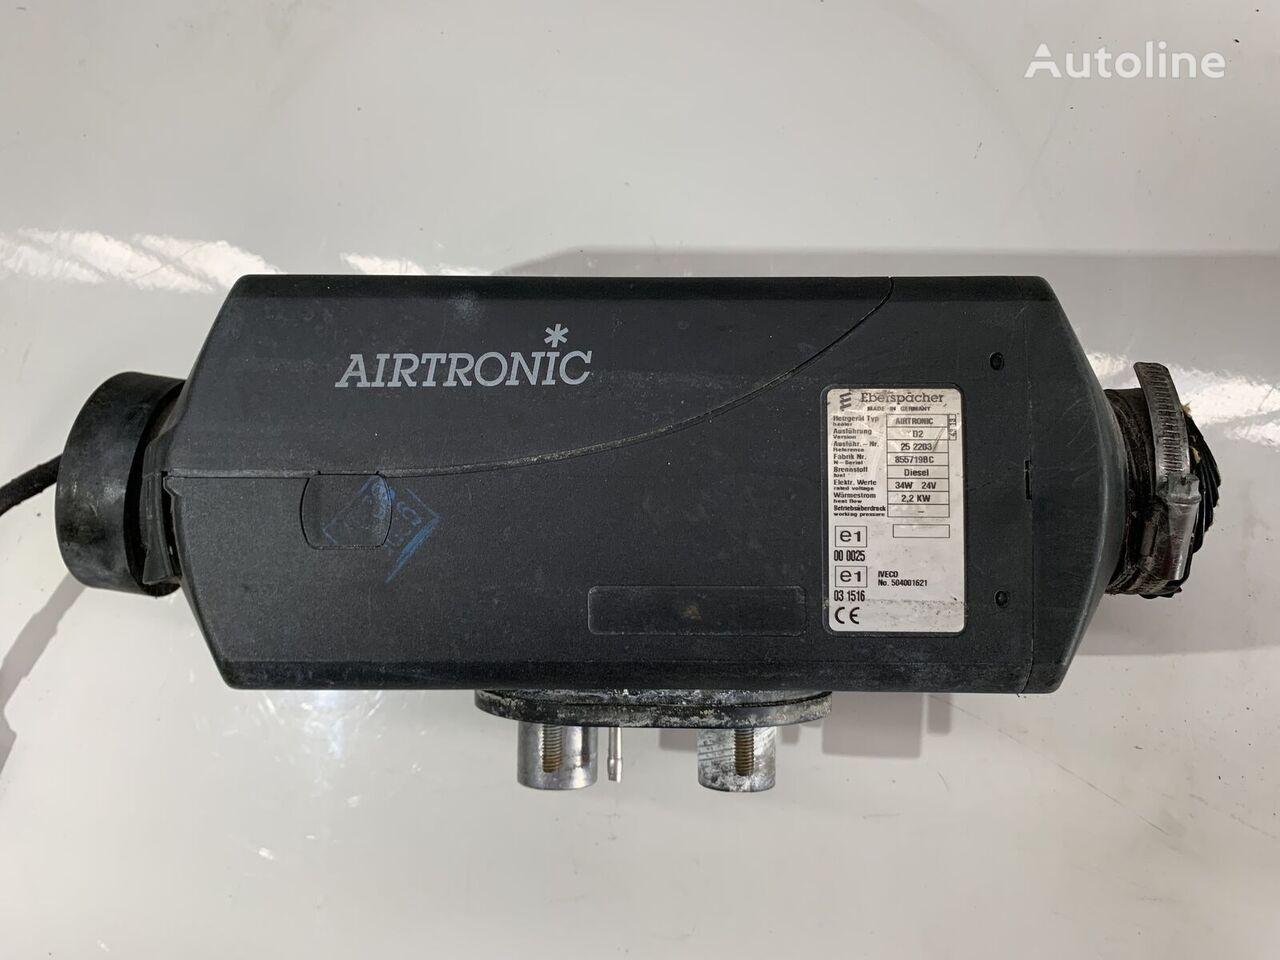 ogrzewanie postojowe EBERSPACHER Airtronic do ciągnika siodłowego IVECO STRALIS